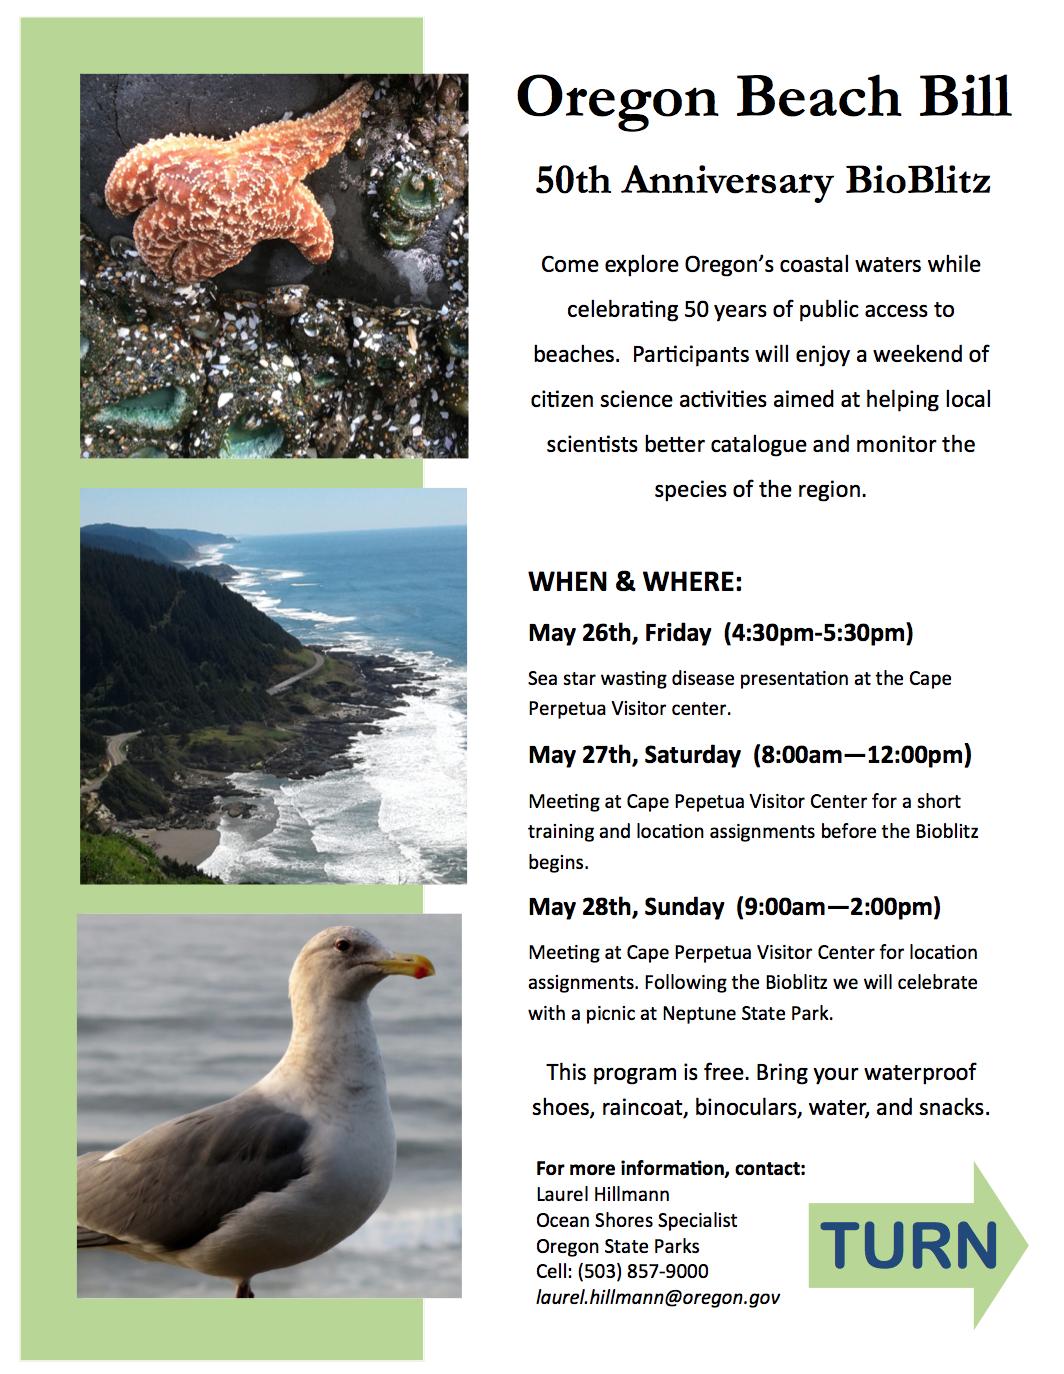 Image of the Oregon Beach Bill 50th Annivsersary BioBlitz schedule.